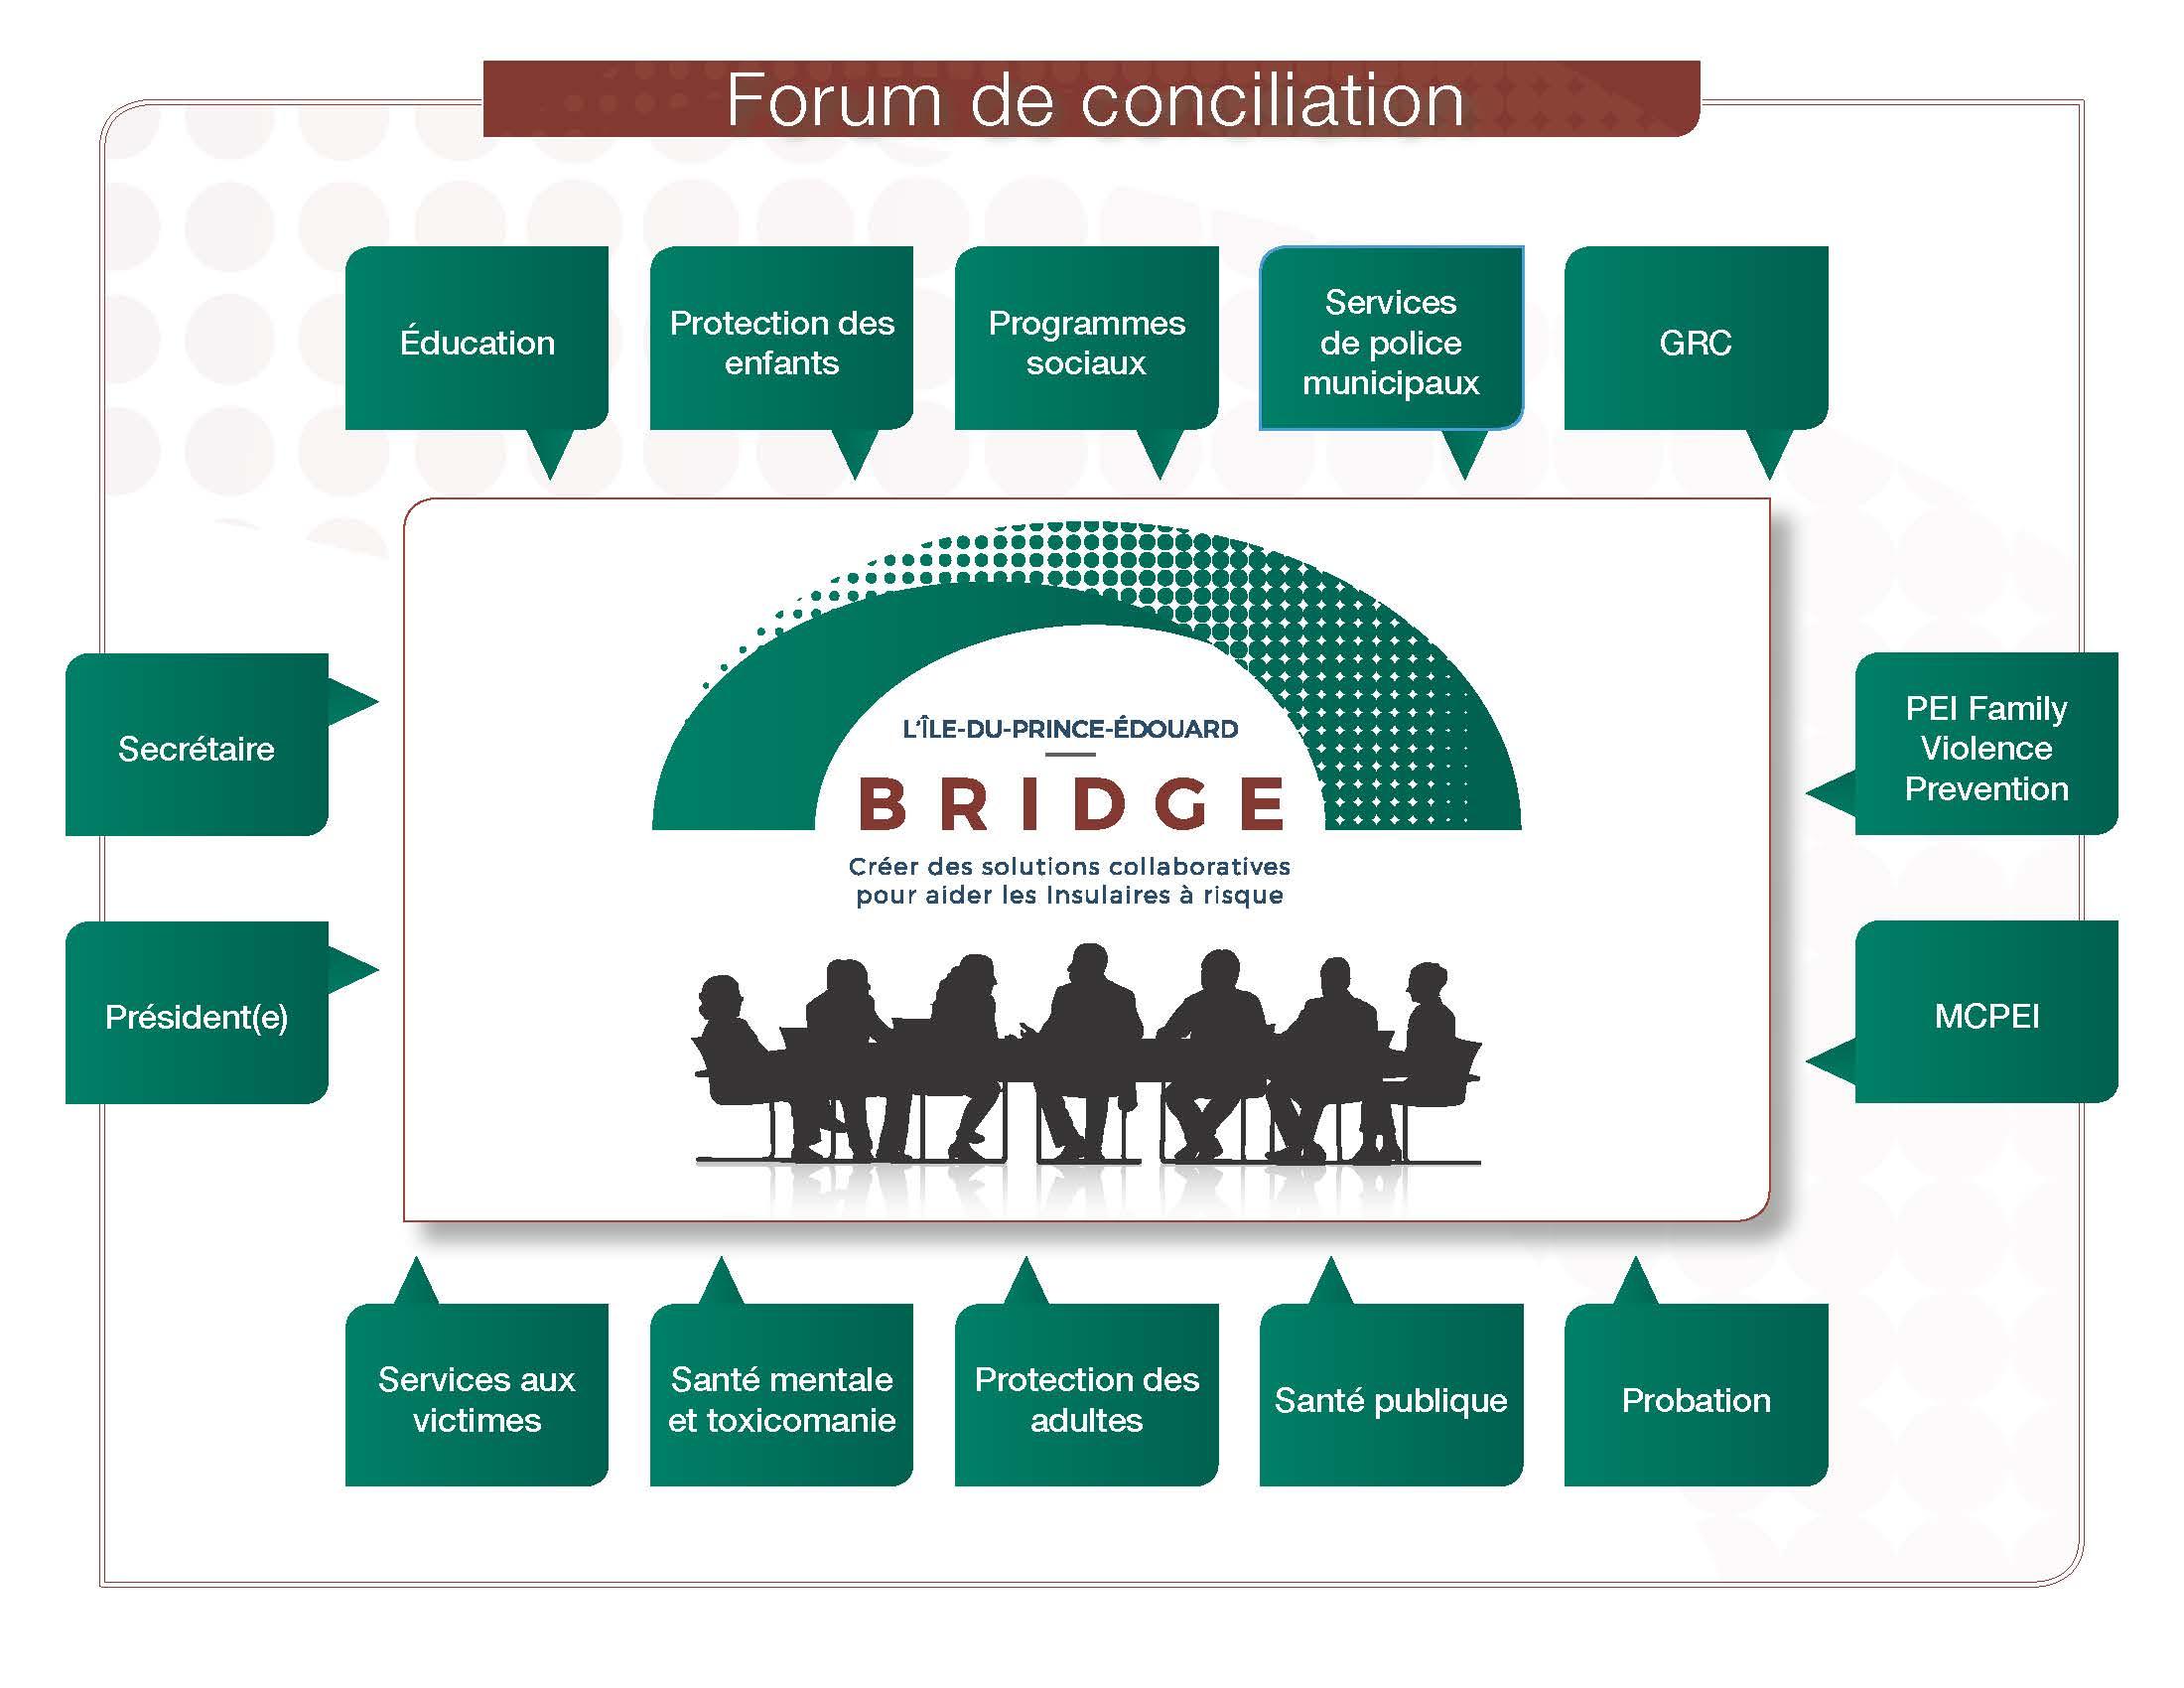 Forum de conciliation